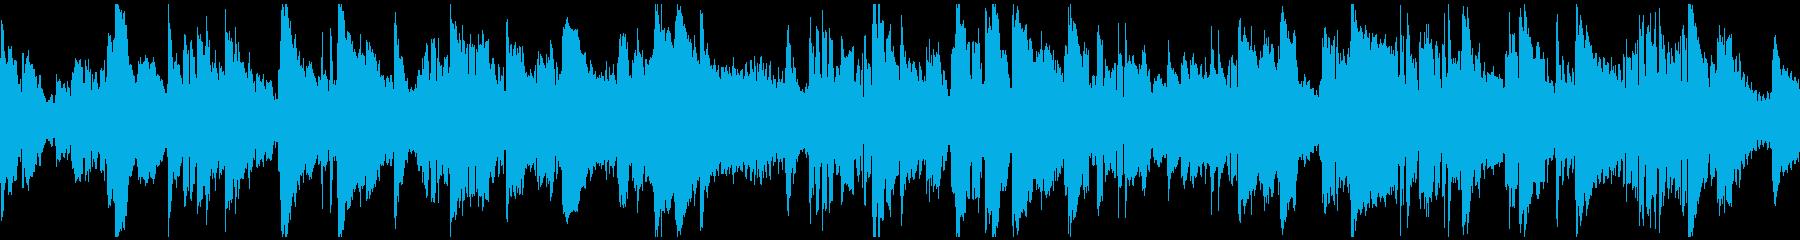 優しいエレピとサックスバラード※ループ版の再生済みの波形